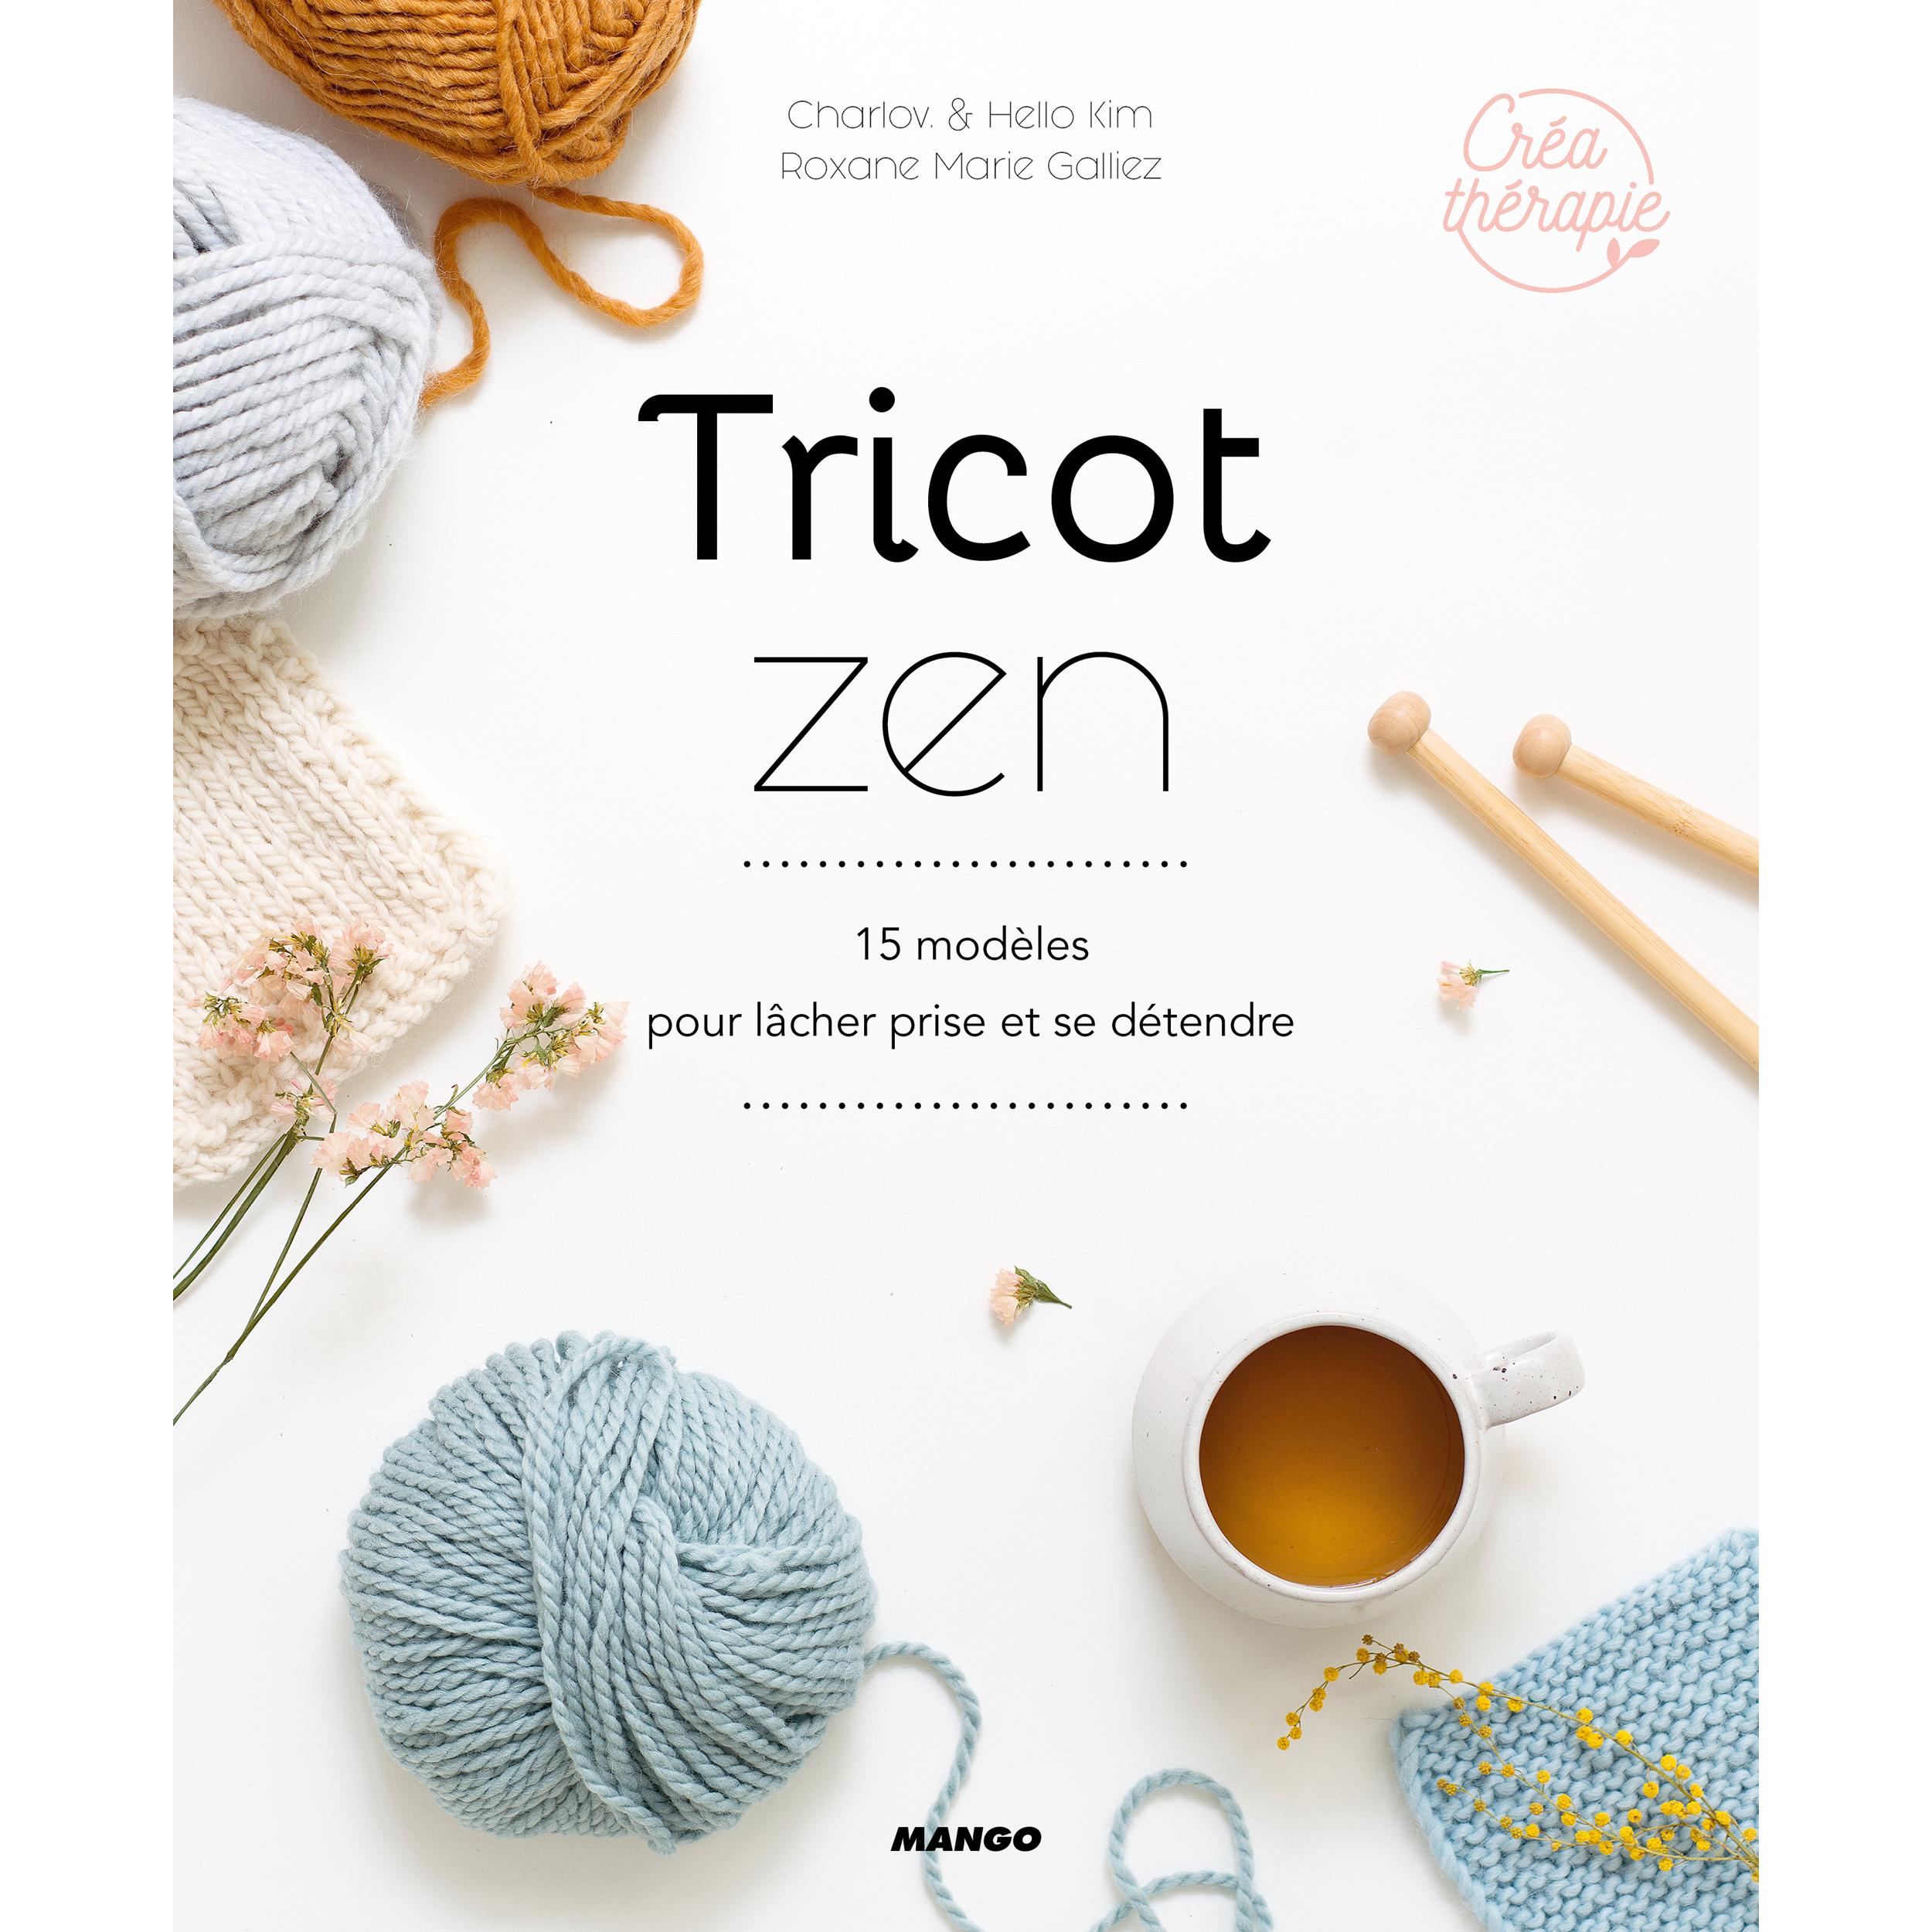 Tricoter zen